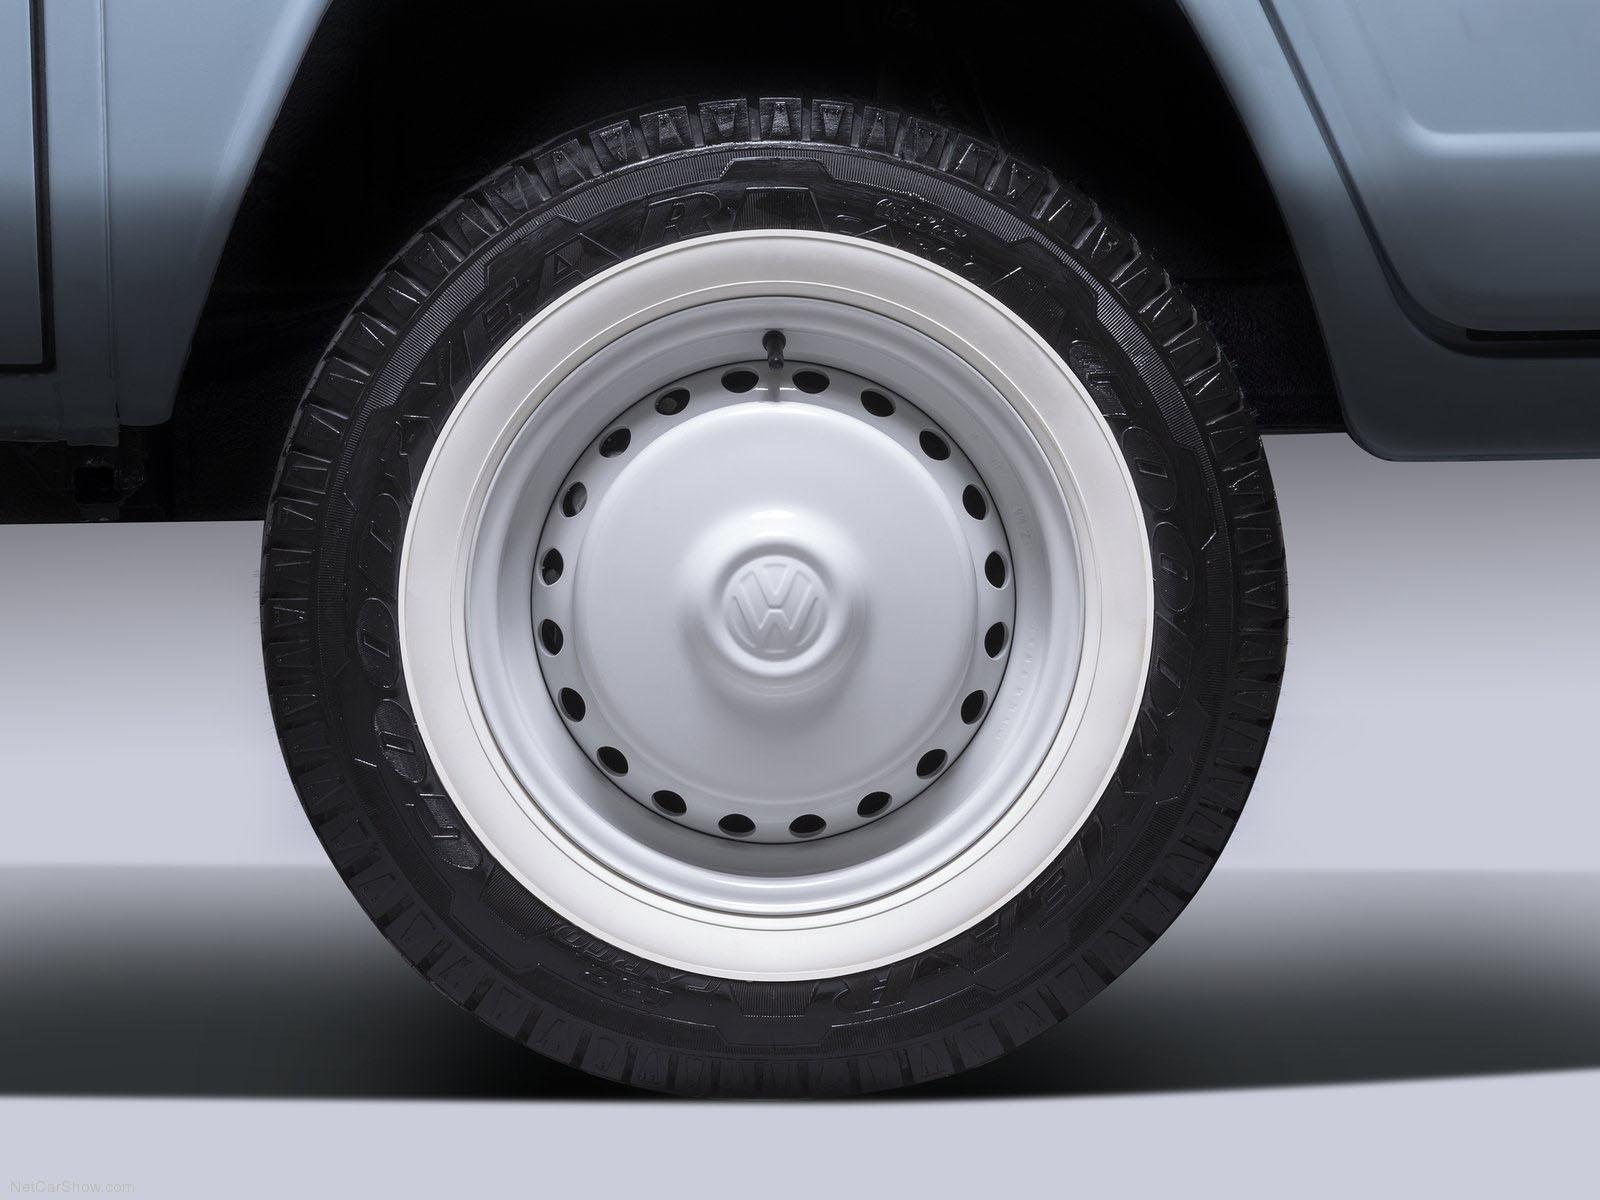 novo Volkswagen Kombi edição especial 2014 rodas